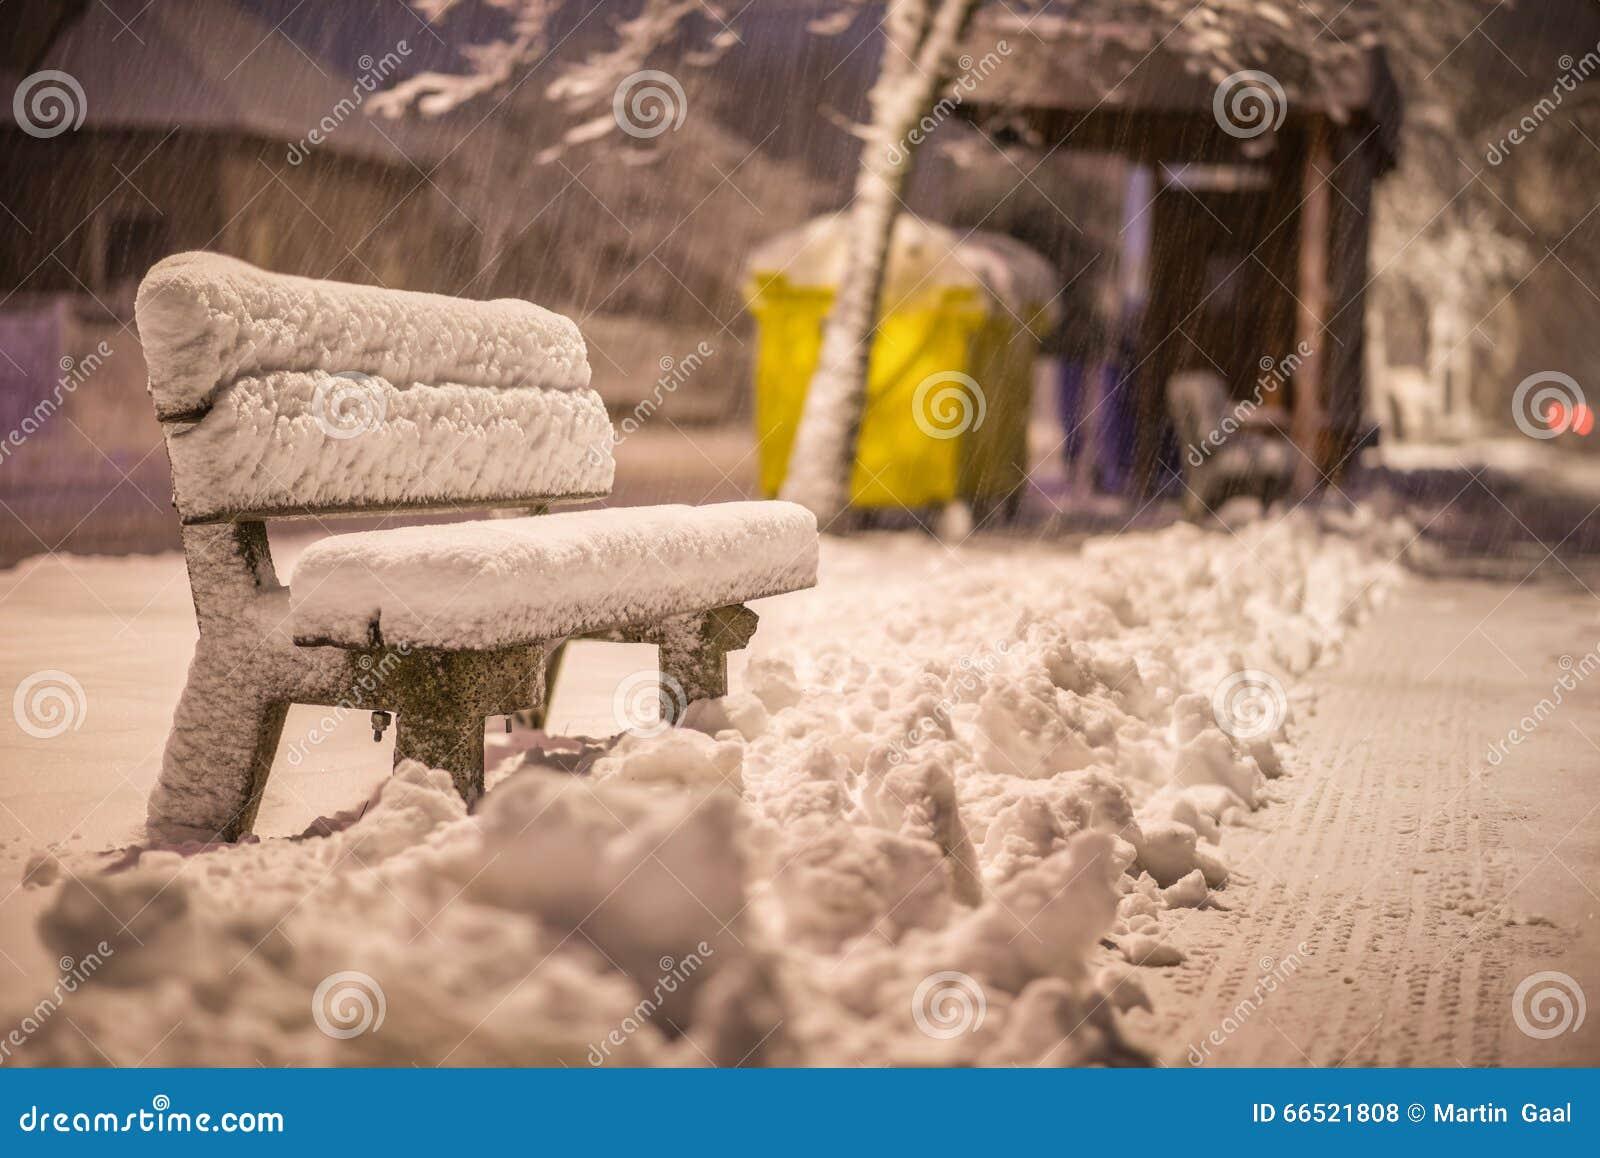 Trafikkaos i vasteuropa efter snoovader